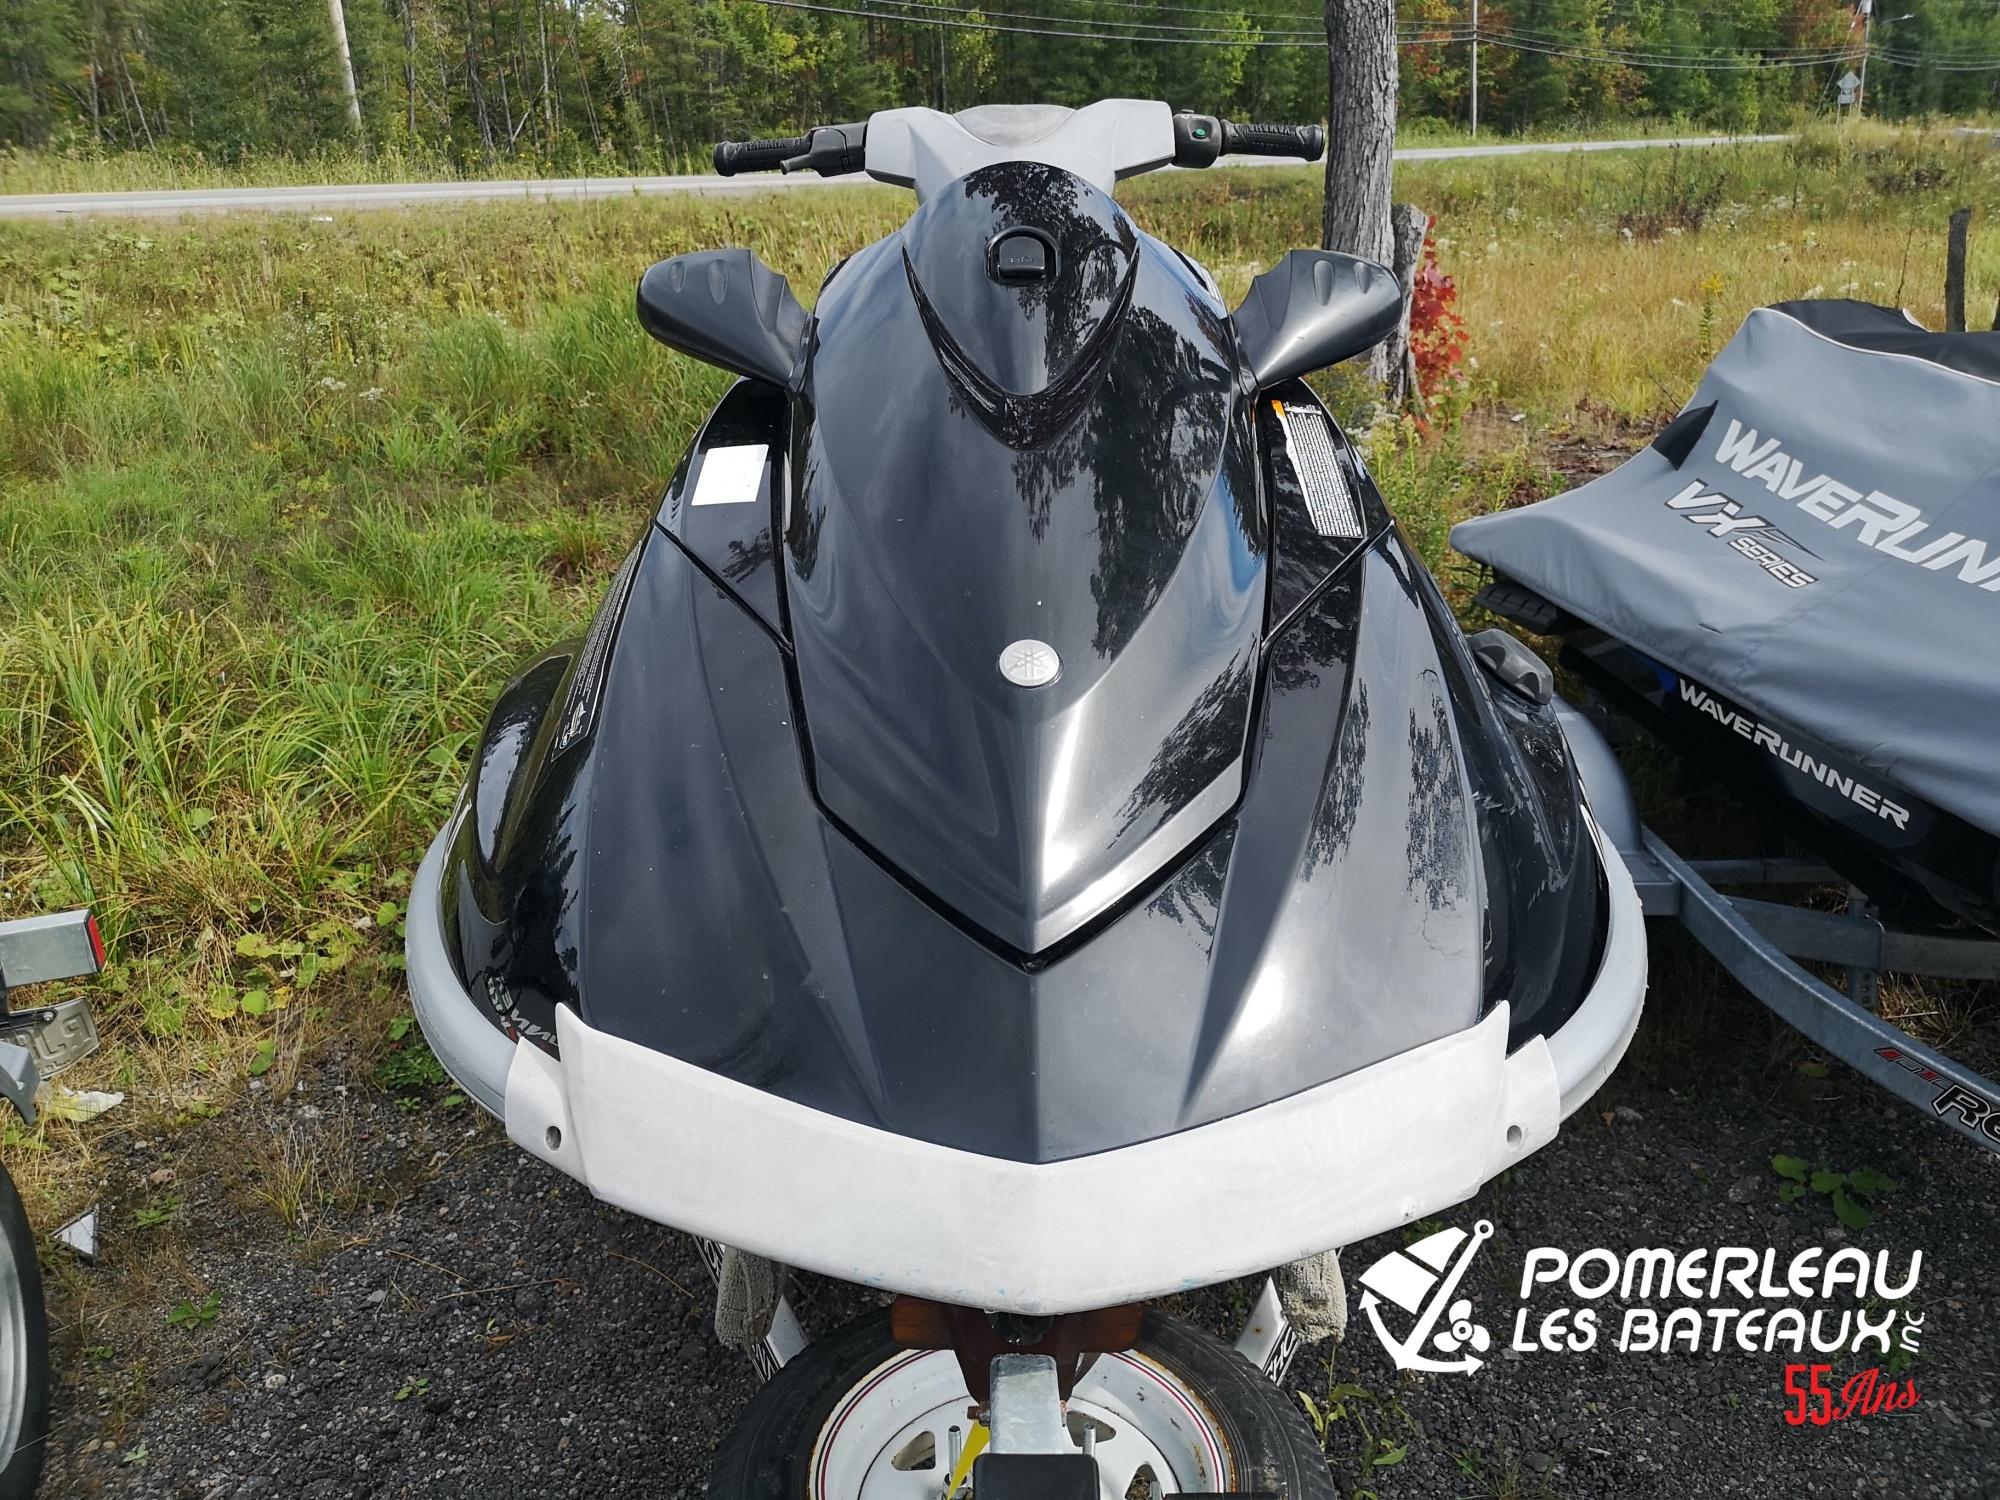 Yamaha vx deluxe - IMG_20210914_132722